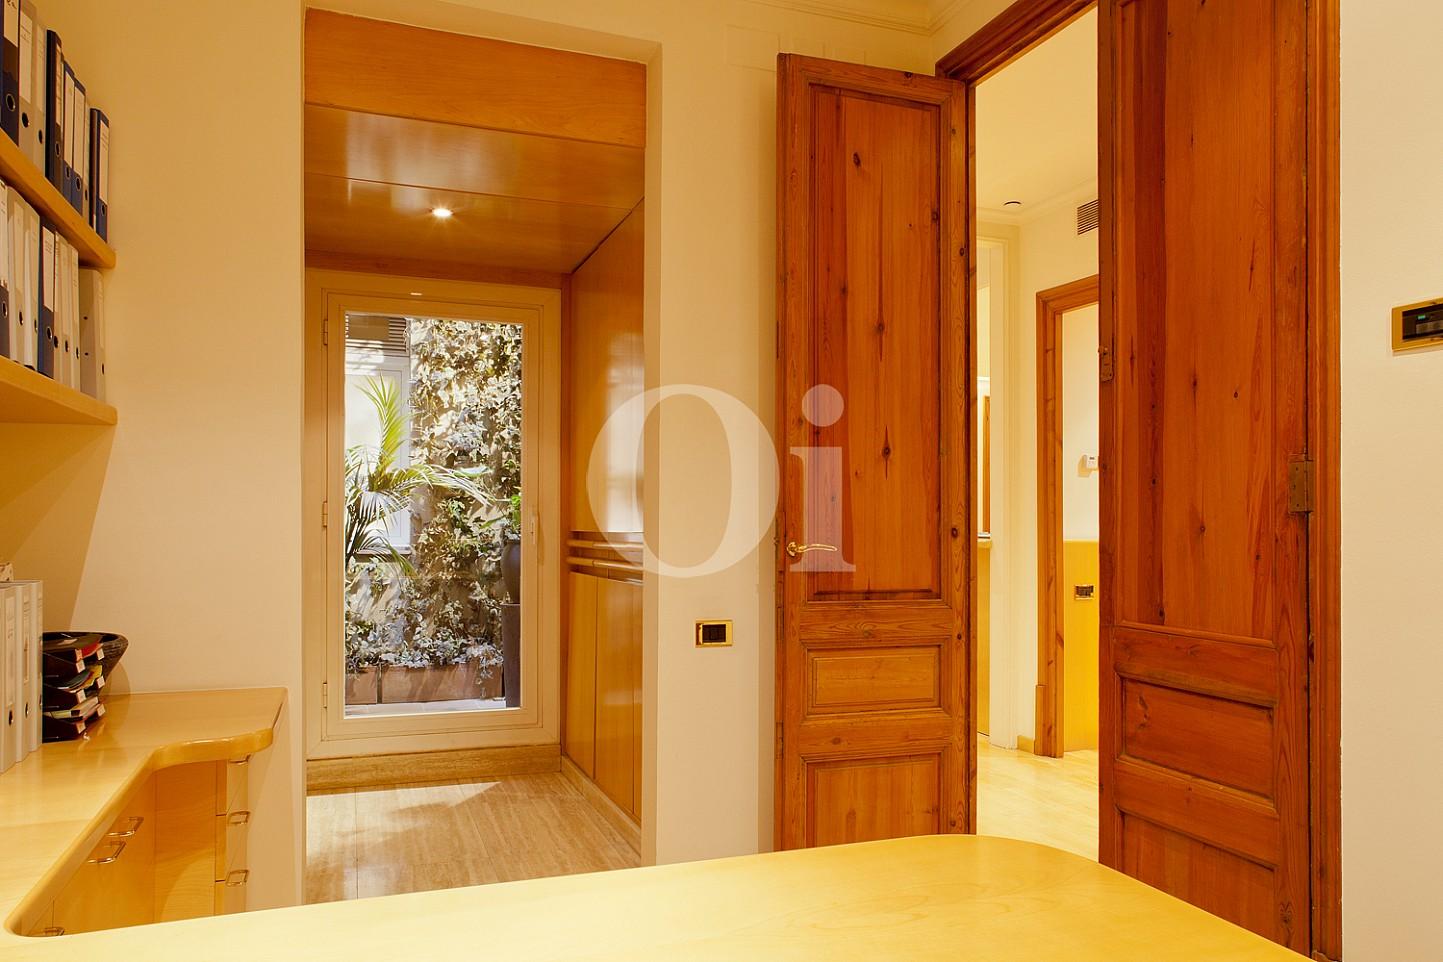 Vistas interiores de propiedad de lujo en venta en Barcelona